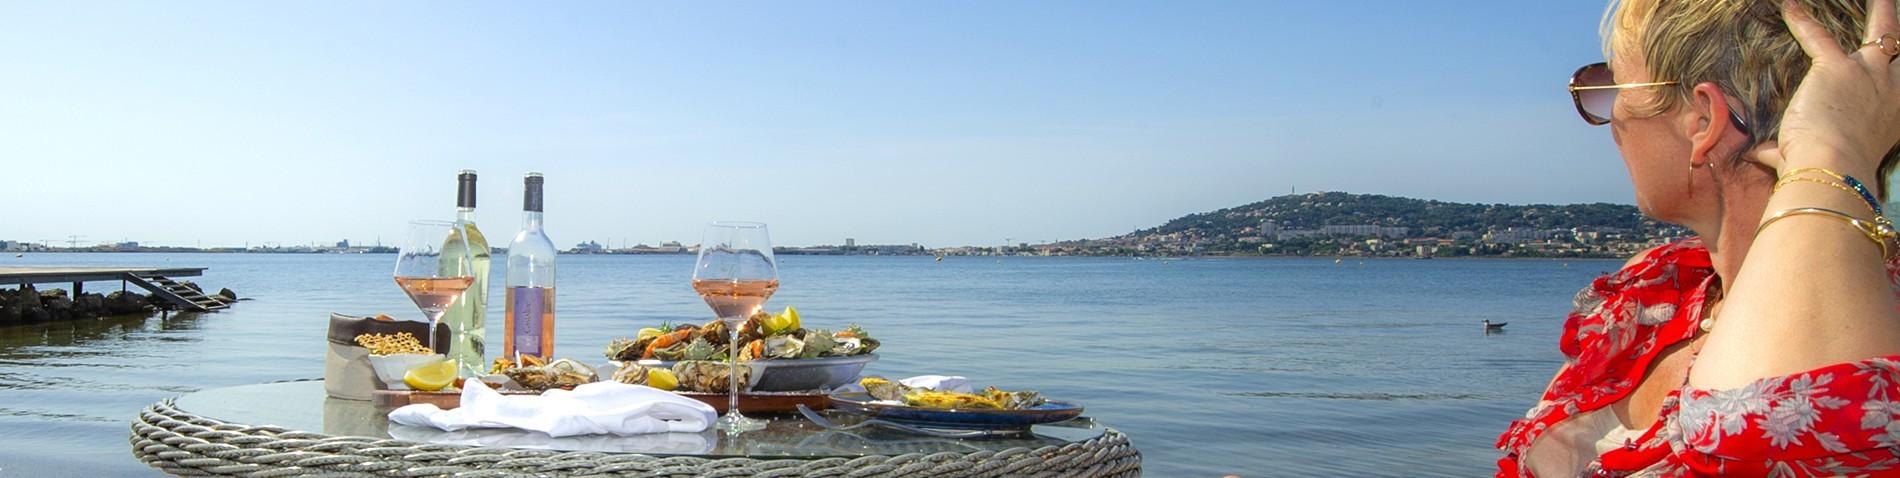 Les restaurants de Balaruc-les-Bains prêts à régaler vos papilles !